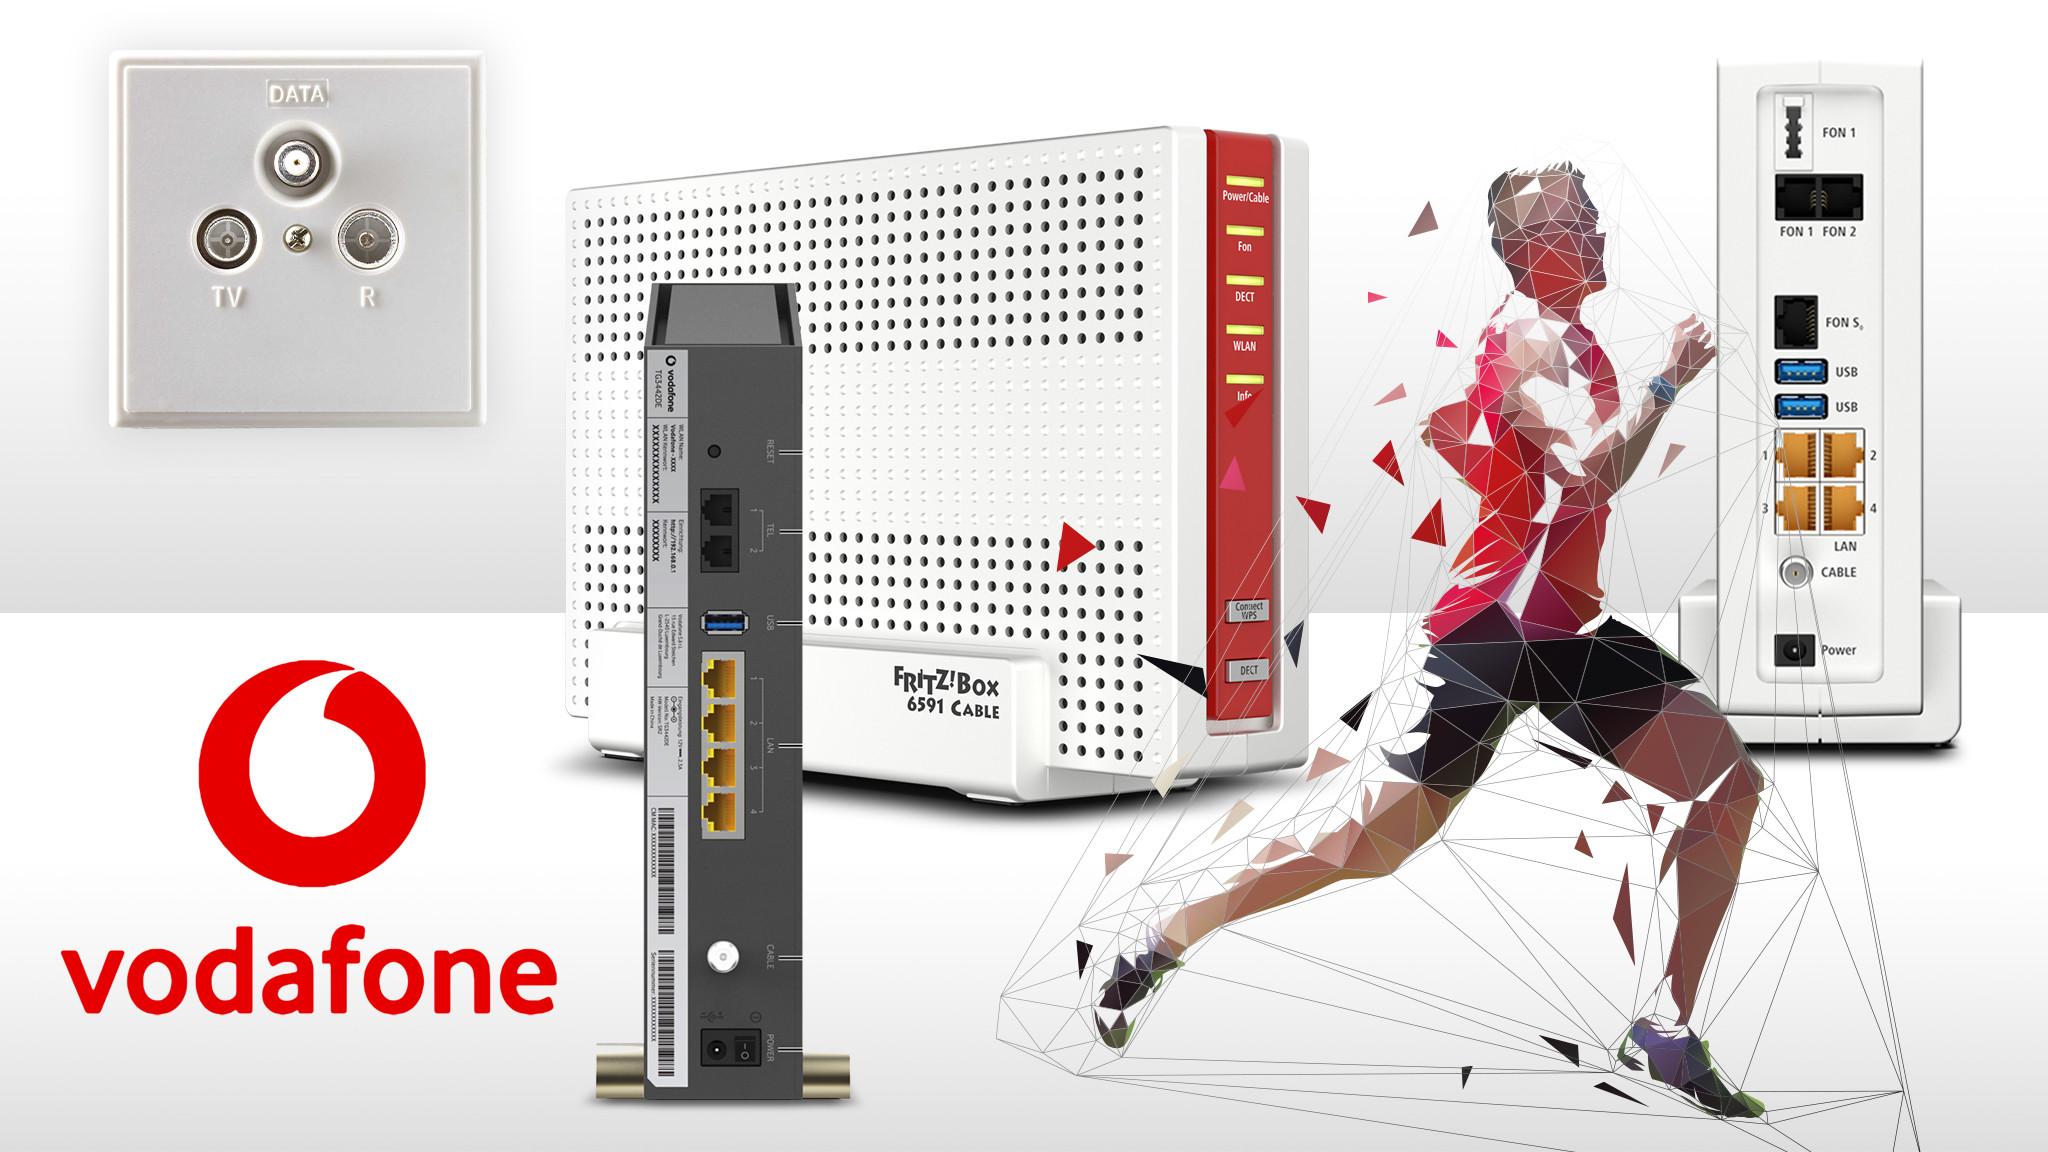 Vodafone Gigabit per Kabel im Test   COMPUTER BILD